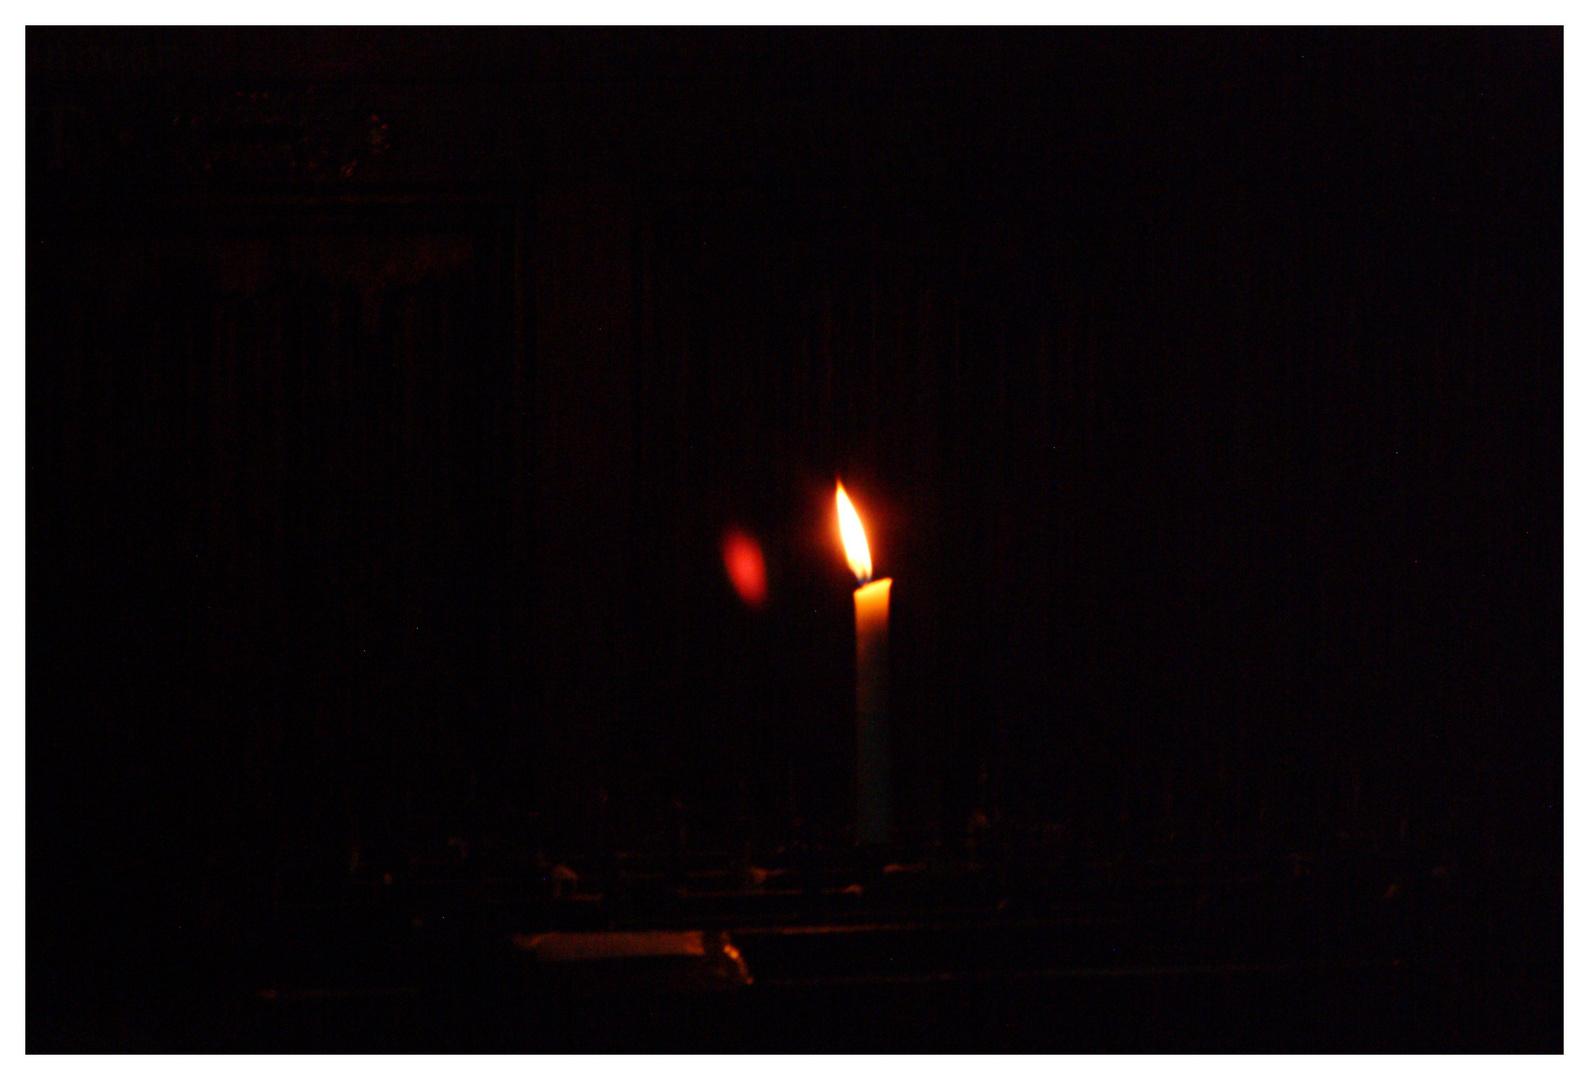 Noël, fête de la lumière